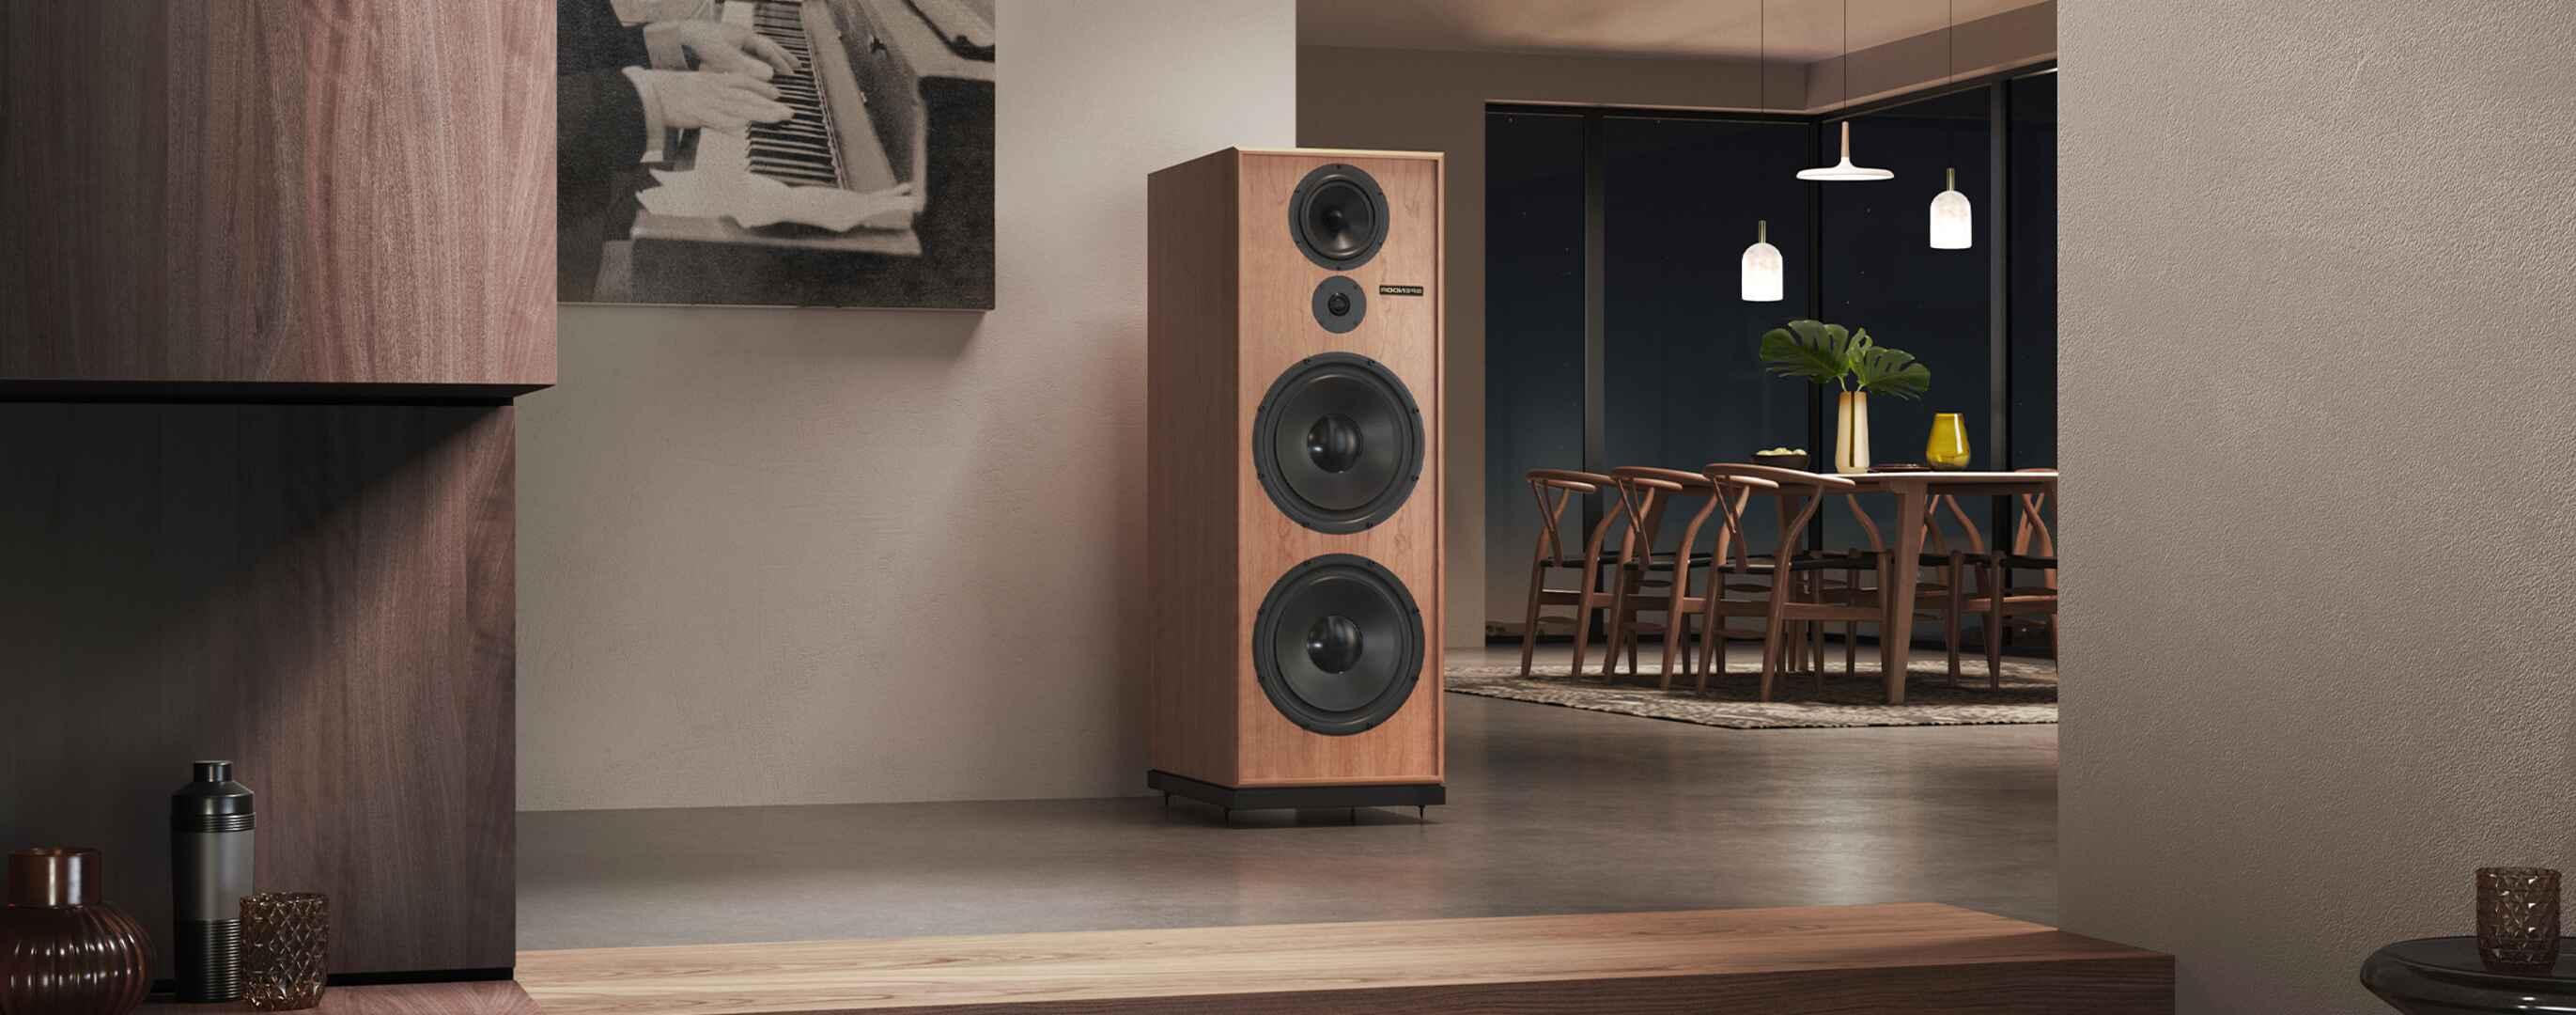 spendor speakers for sale